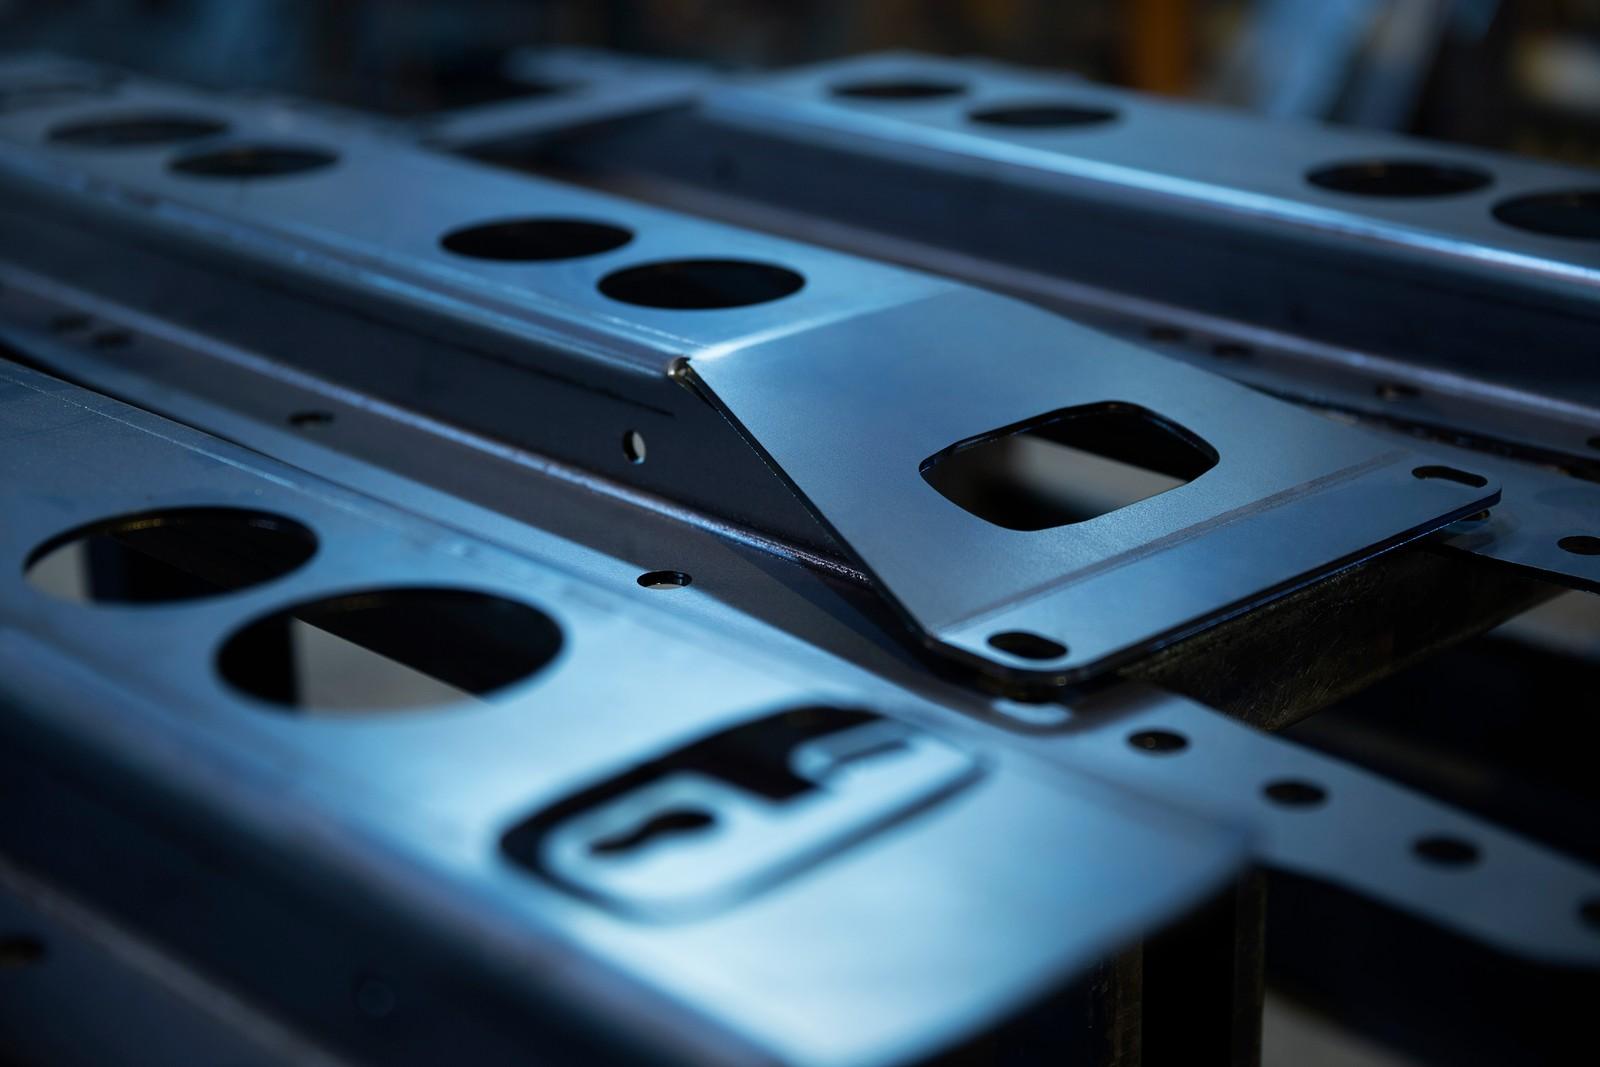 Die brandneue Stahlsorte SSAB Domex Plus soll durch seine außergewöhnliche Qualität die Produktivität erhöhen.